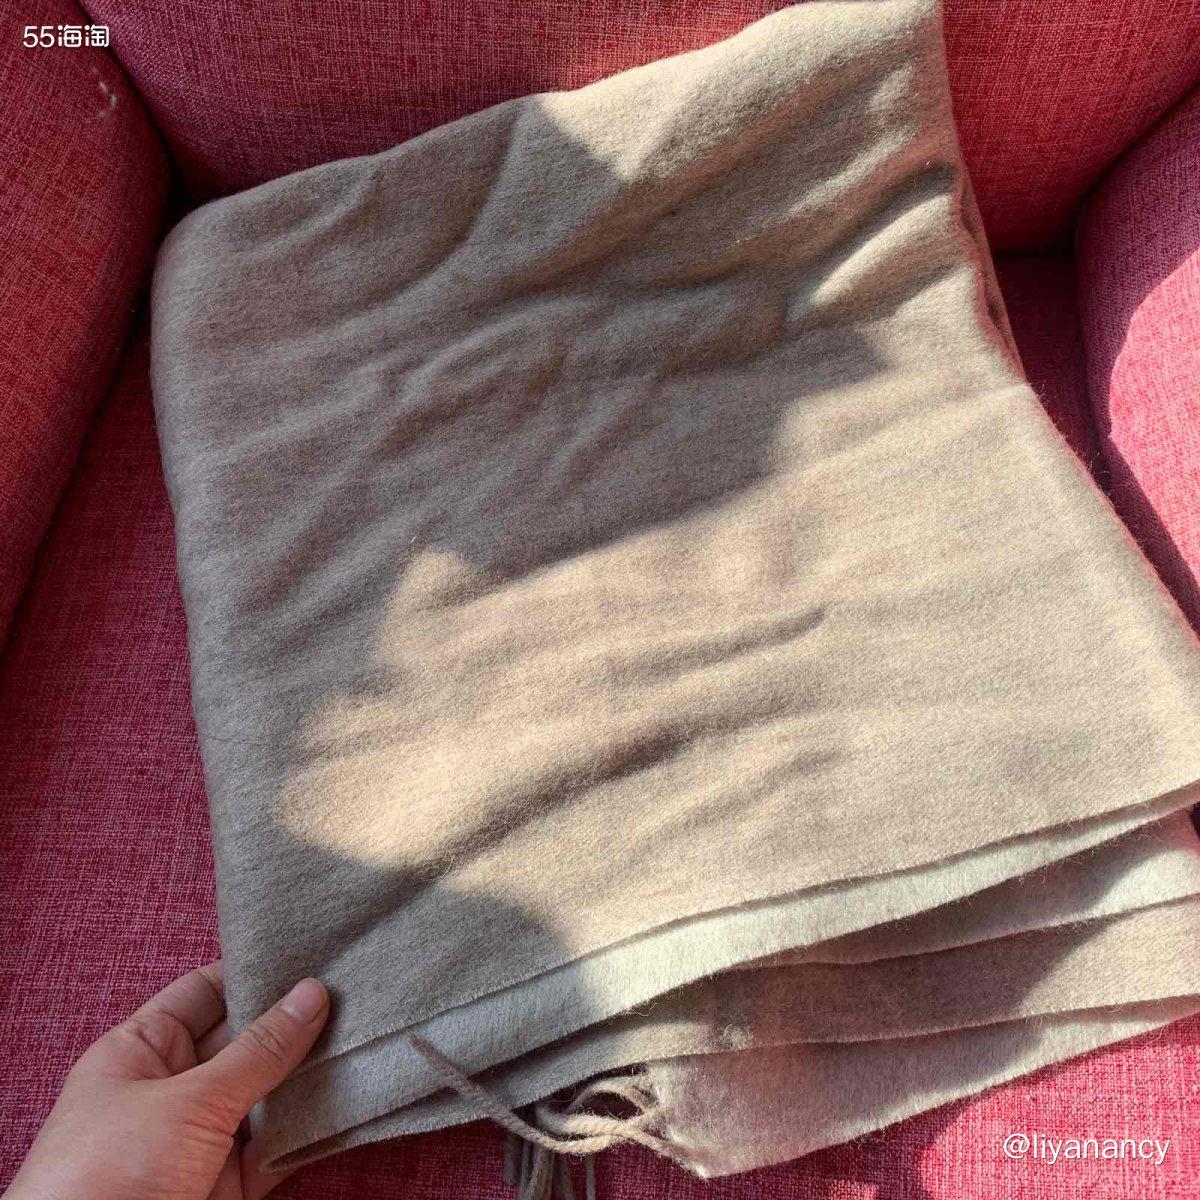 亚麻色羊毛围巾  ✨我的围巾大概分两种色系的,一种就是很鲜艳